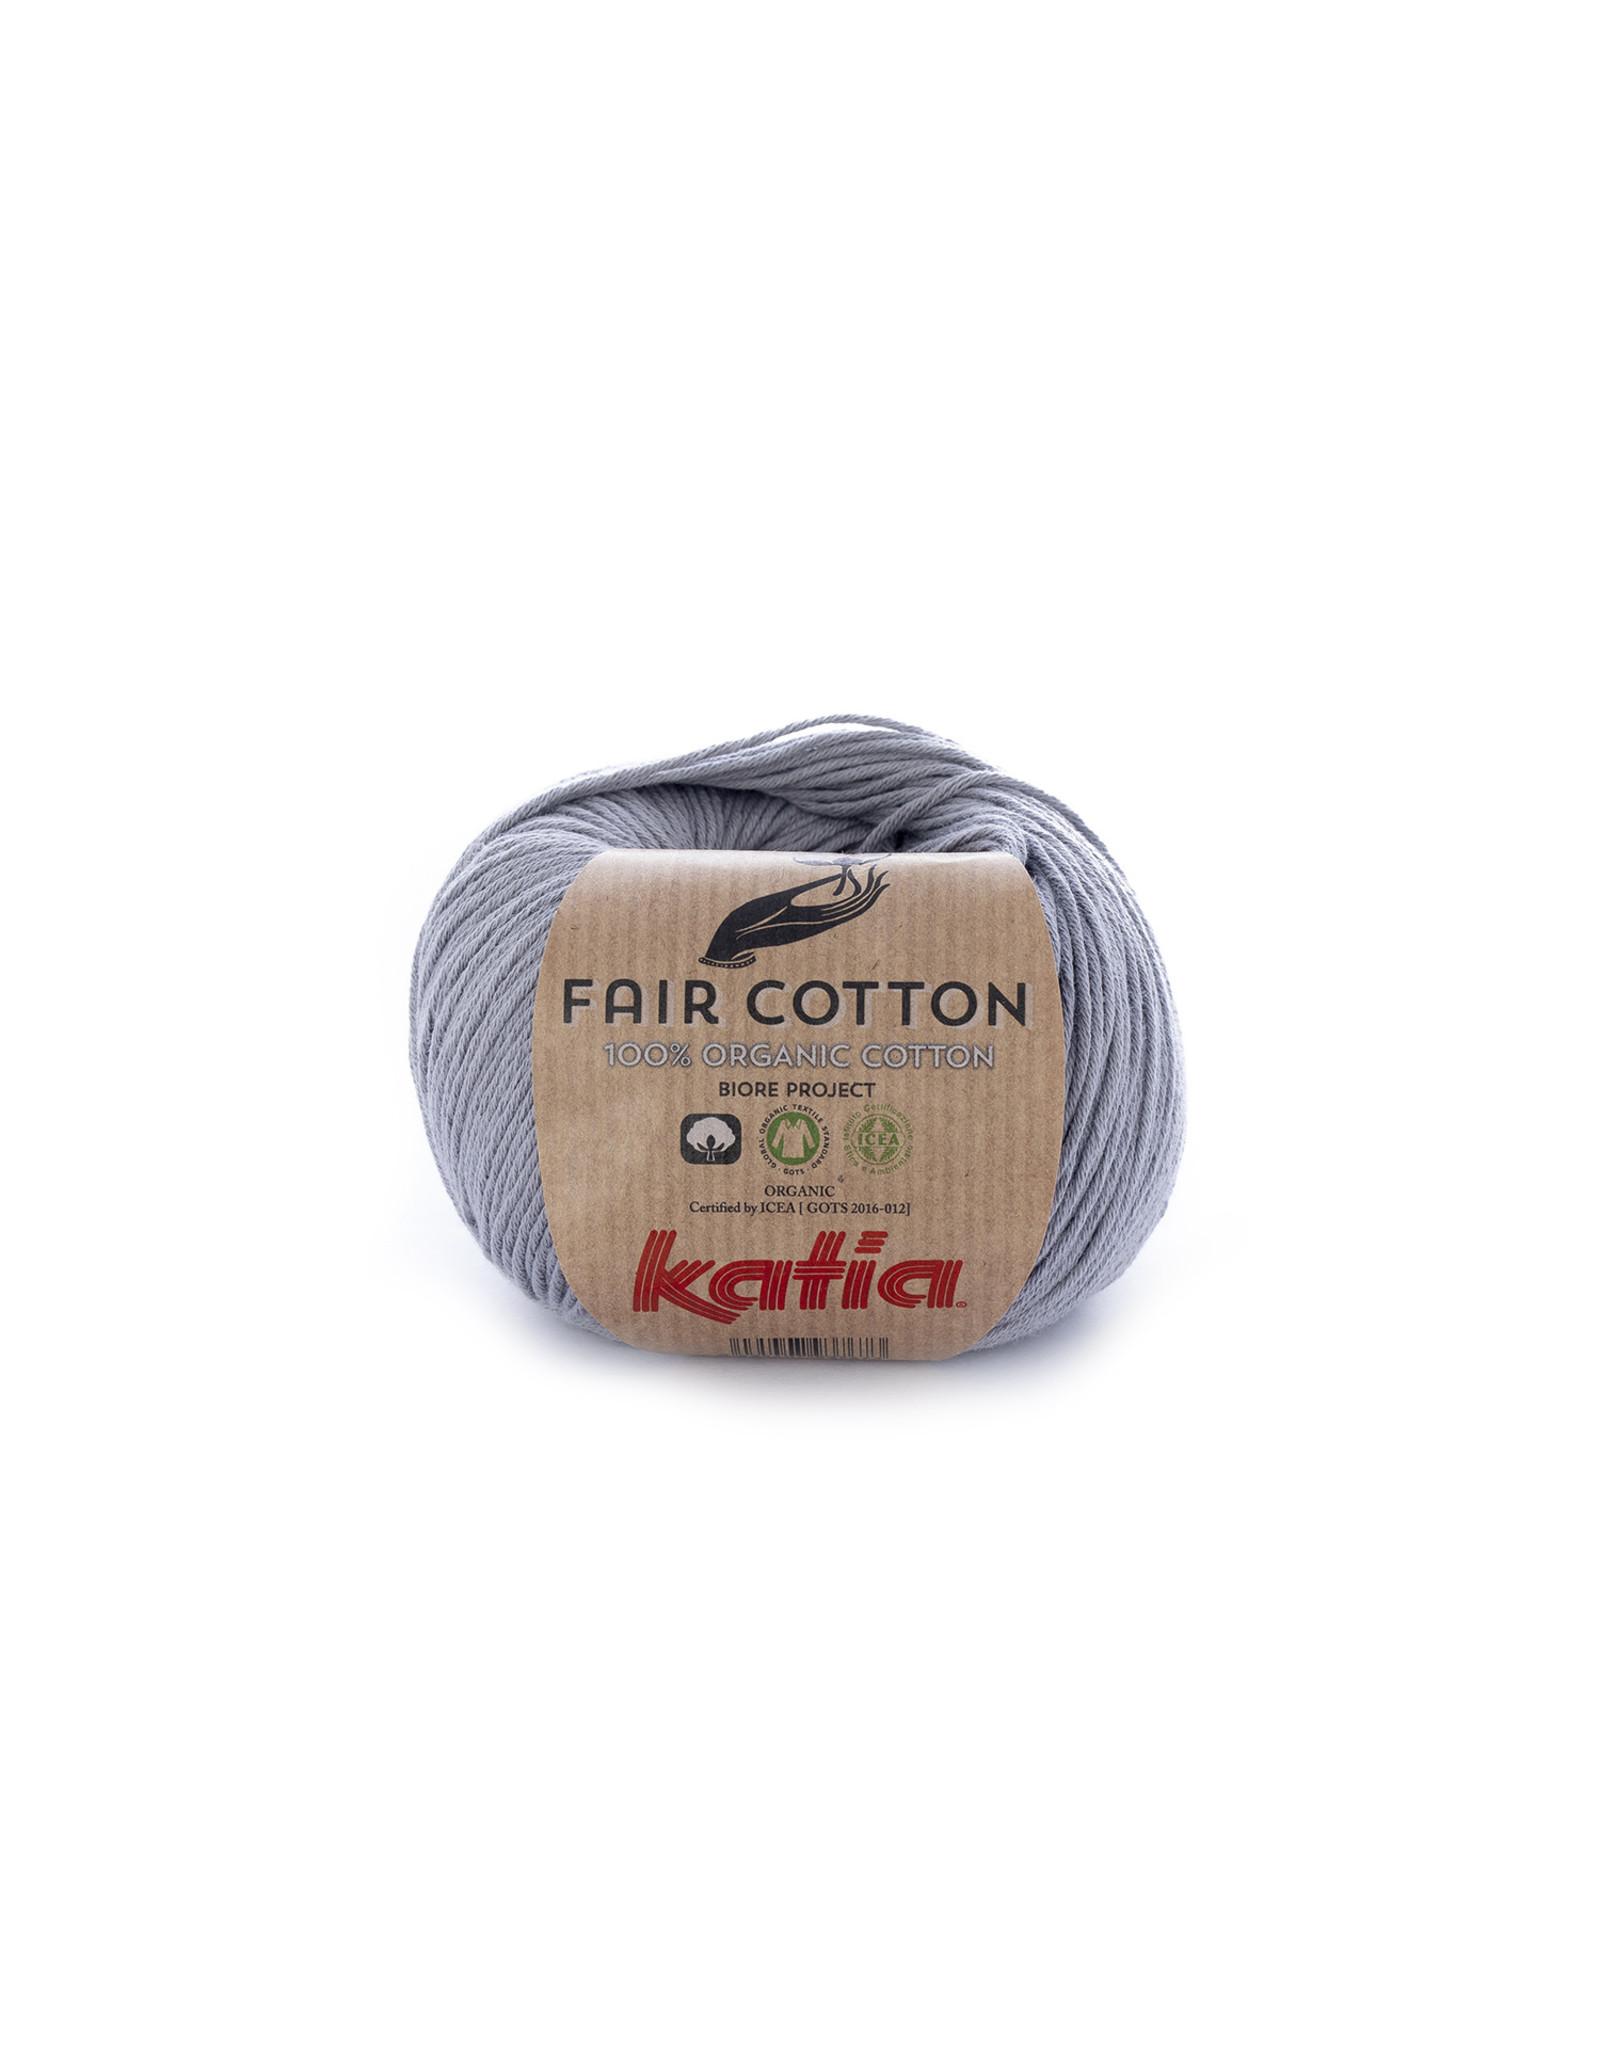 Katia Katia Fair Cotton Kleur 26 - medium grijs - 100% biol. GOTS katoengaren - bundel 5 x 50 gr./155 m.